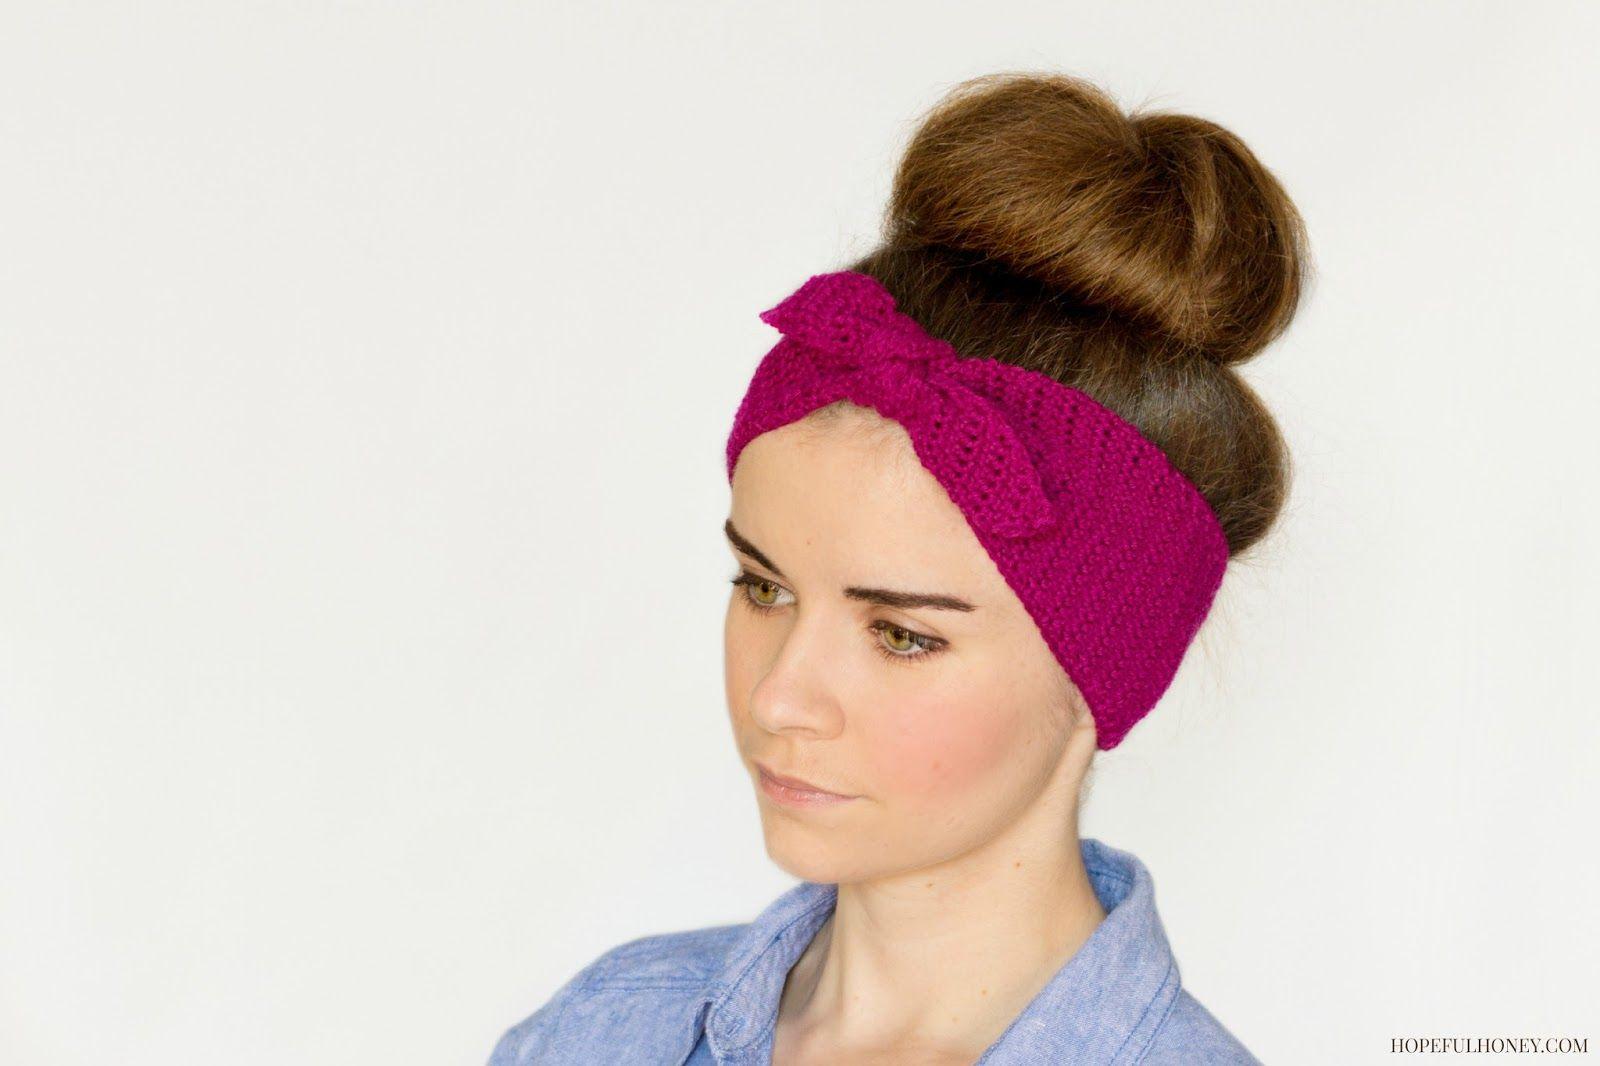 Retro Pin-Up Headband Crochet Pattern | Gorros, Tejido y El cabello